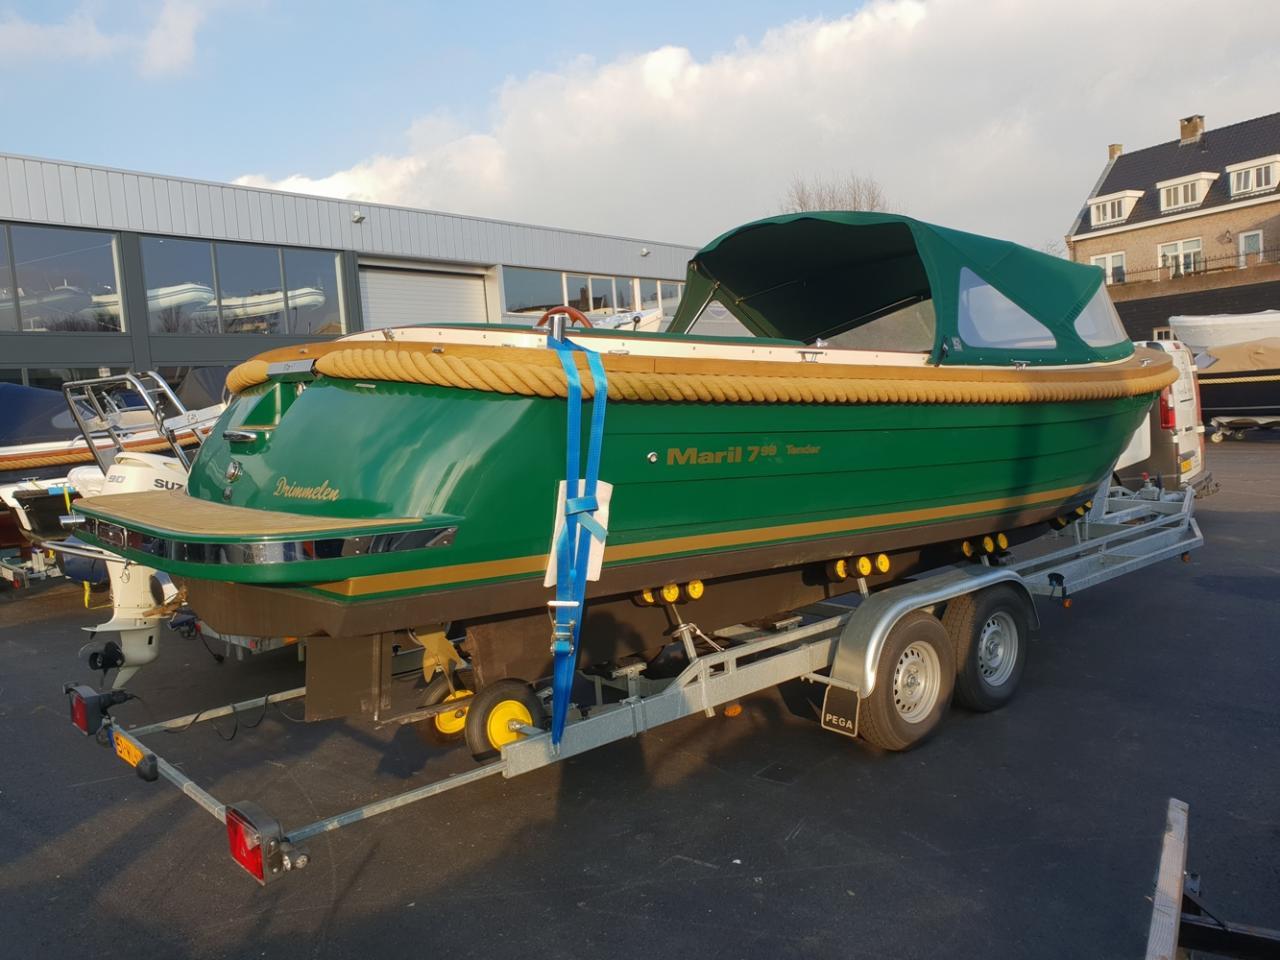 Maril 795 tender met Vetus 42 pk full options! 8